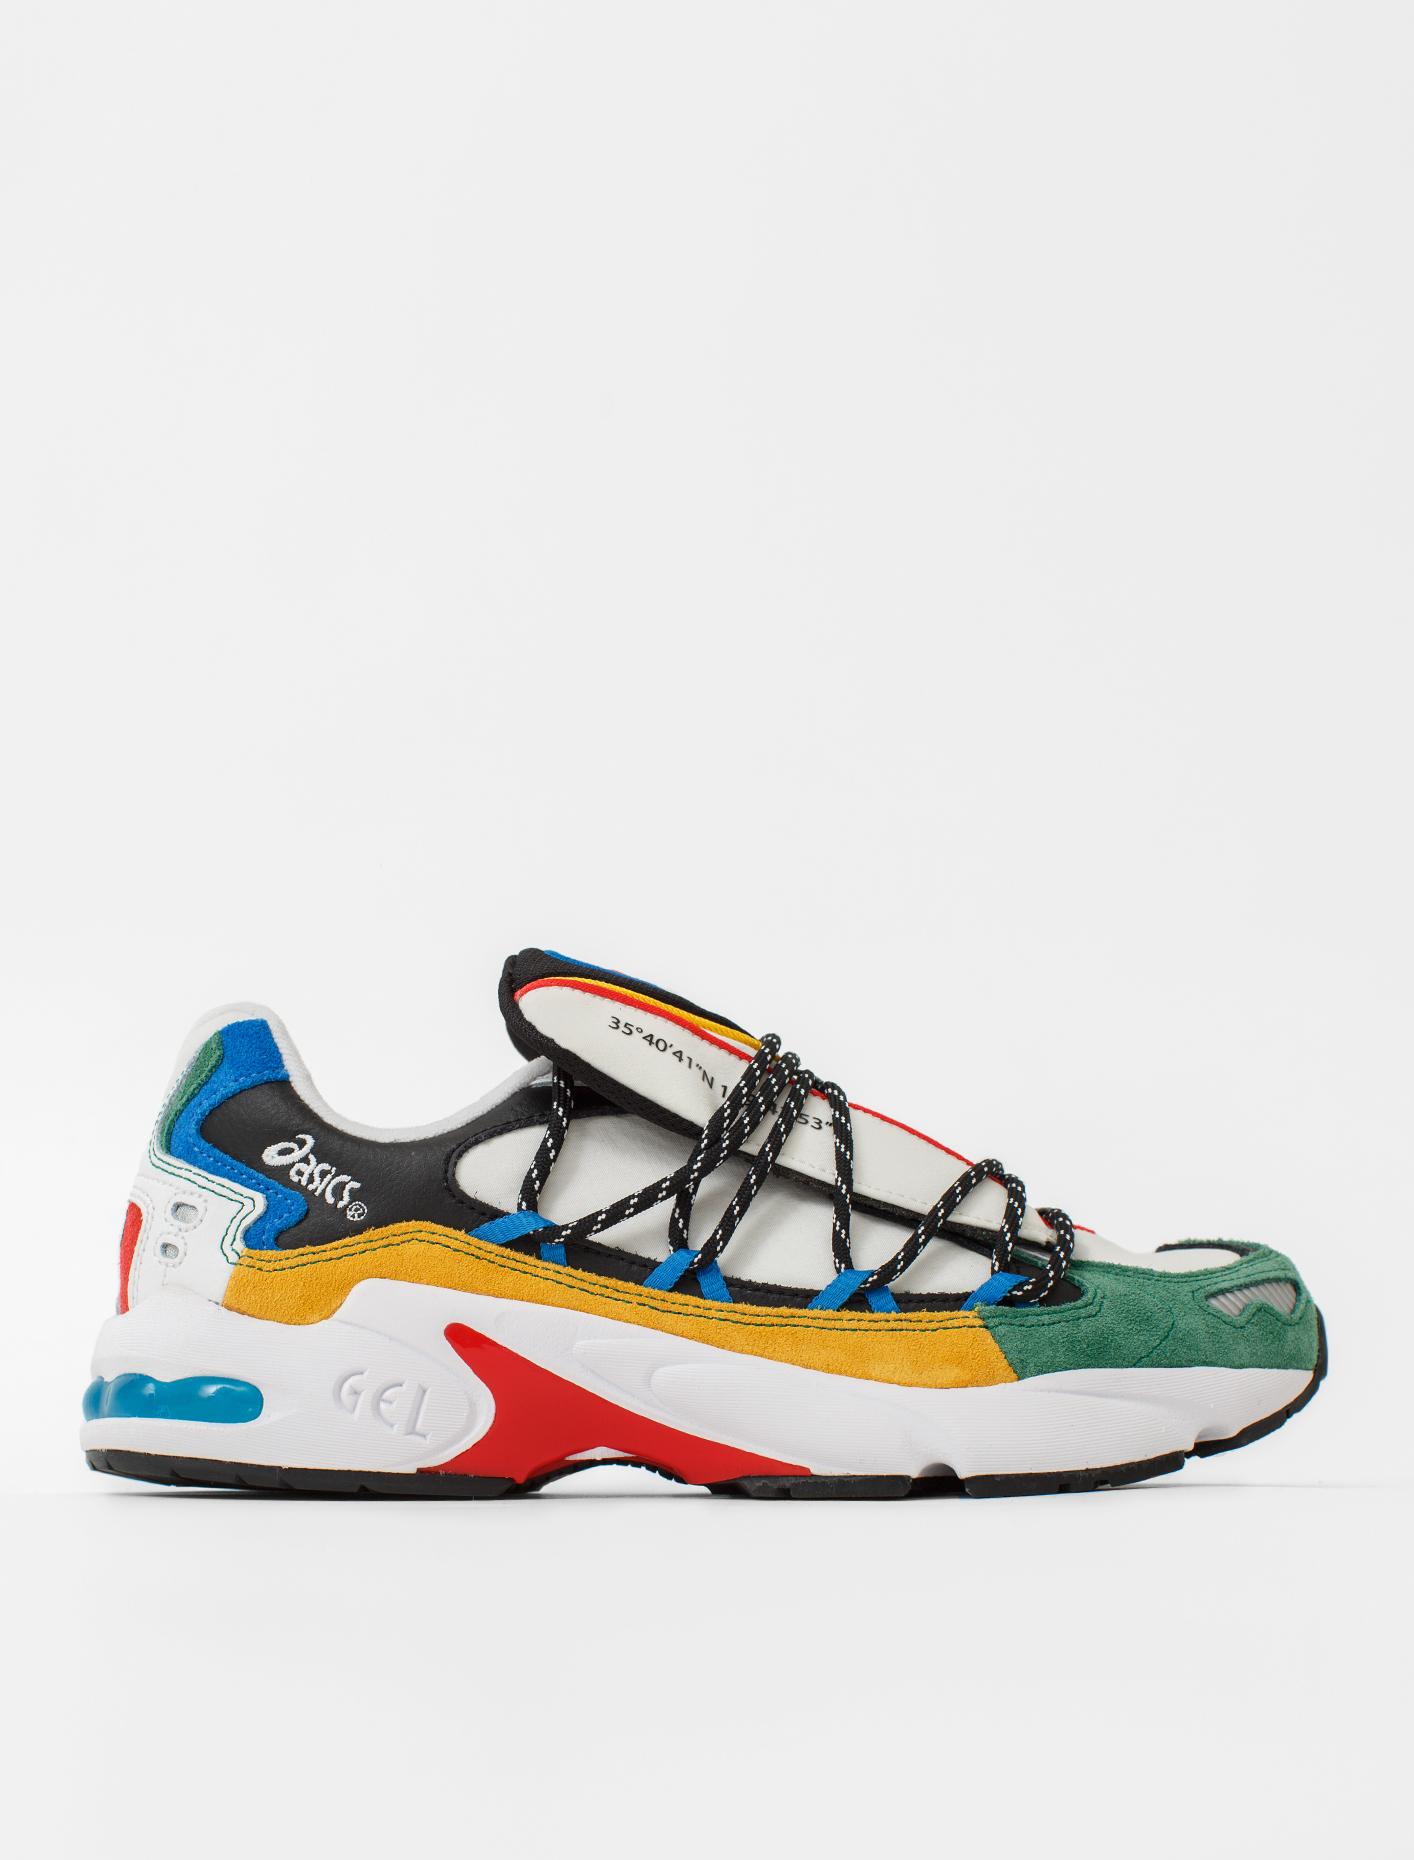 Archive Asics GEL-KAYANO 5 OG Sneaker